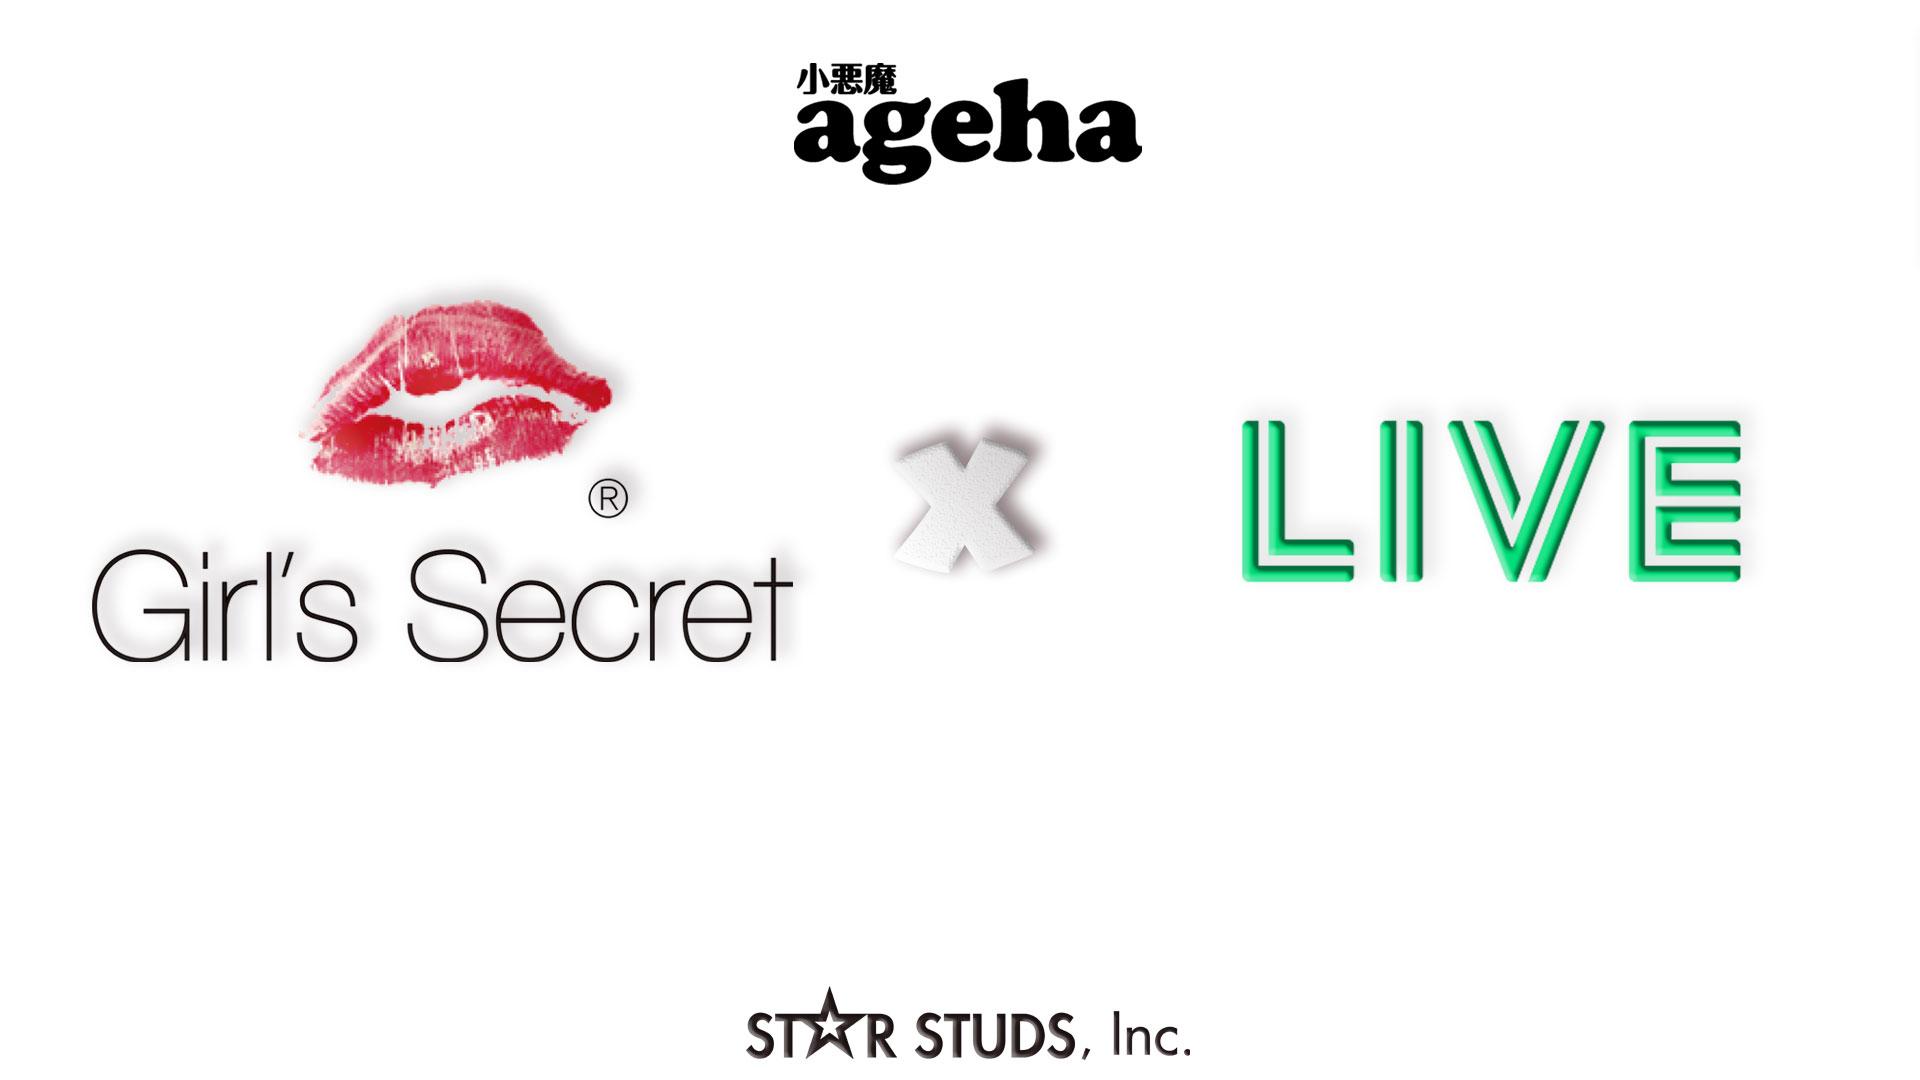 Girl's Secret × LINE LIVE